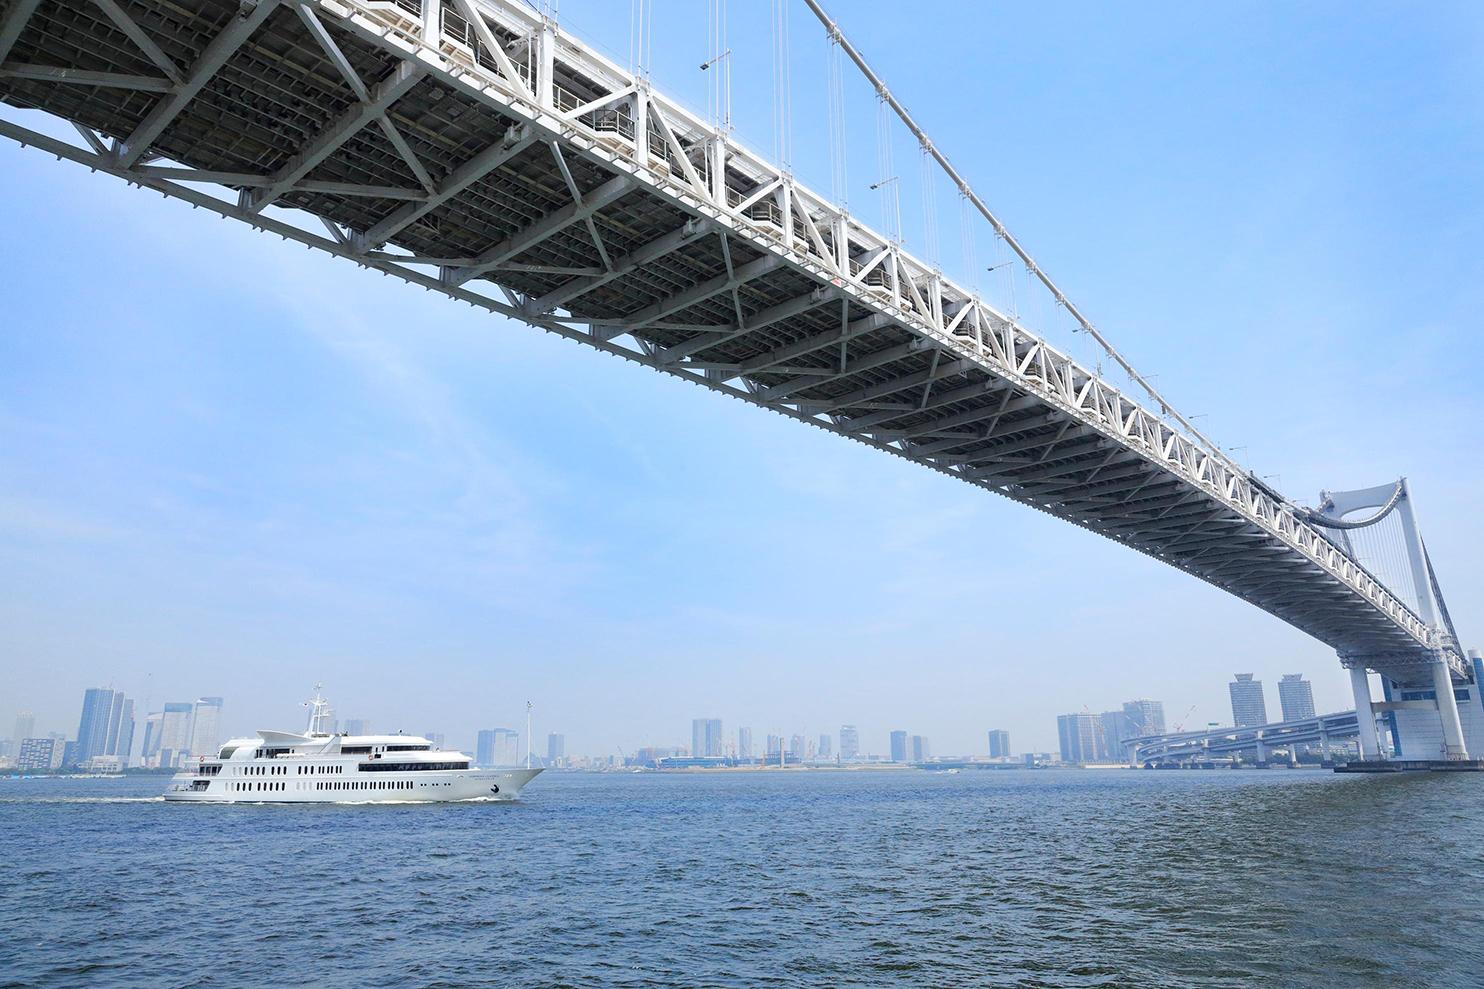 7月23日(木・祝) 海の日は船に乗ろう!運航再開 海の日記念「500円クルーズ」 画像